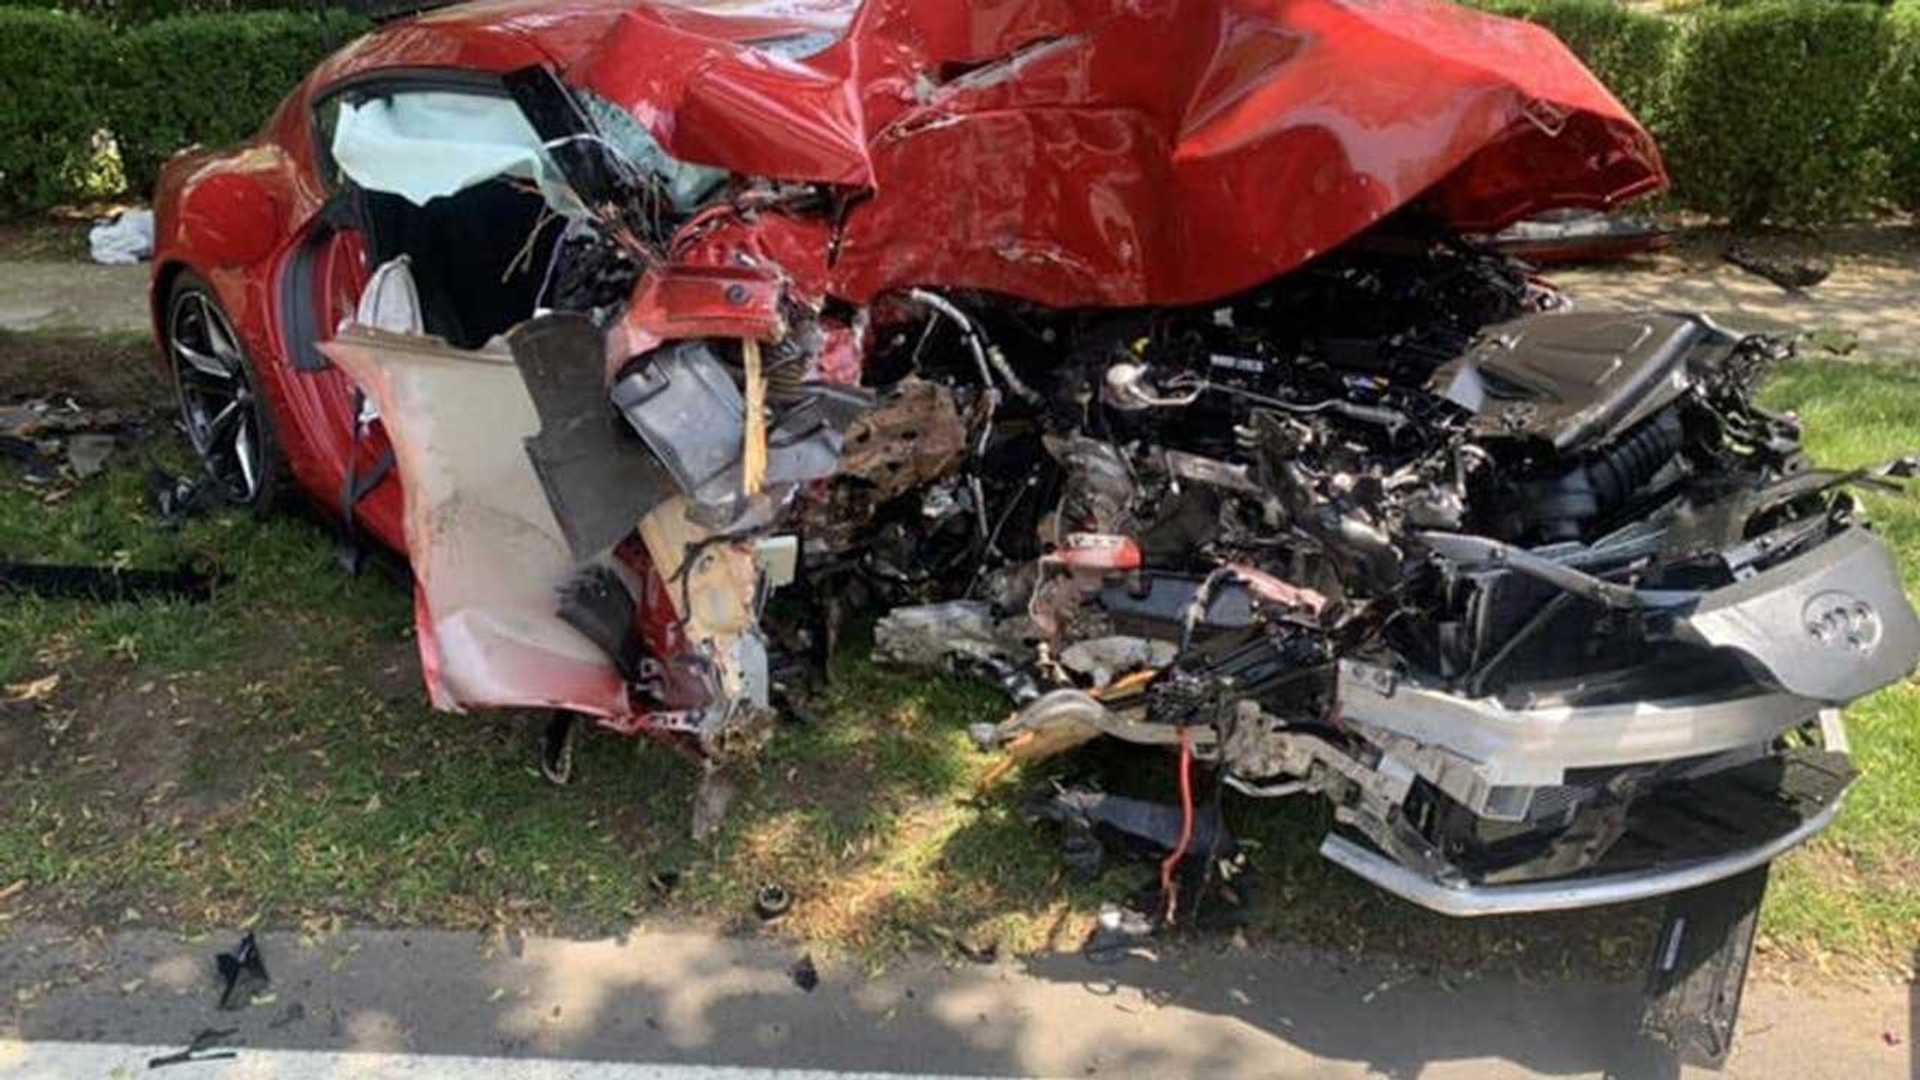 Rekordidő alatt összetört autók: 9. rész